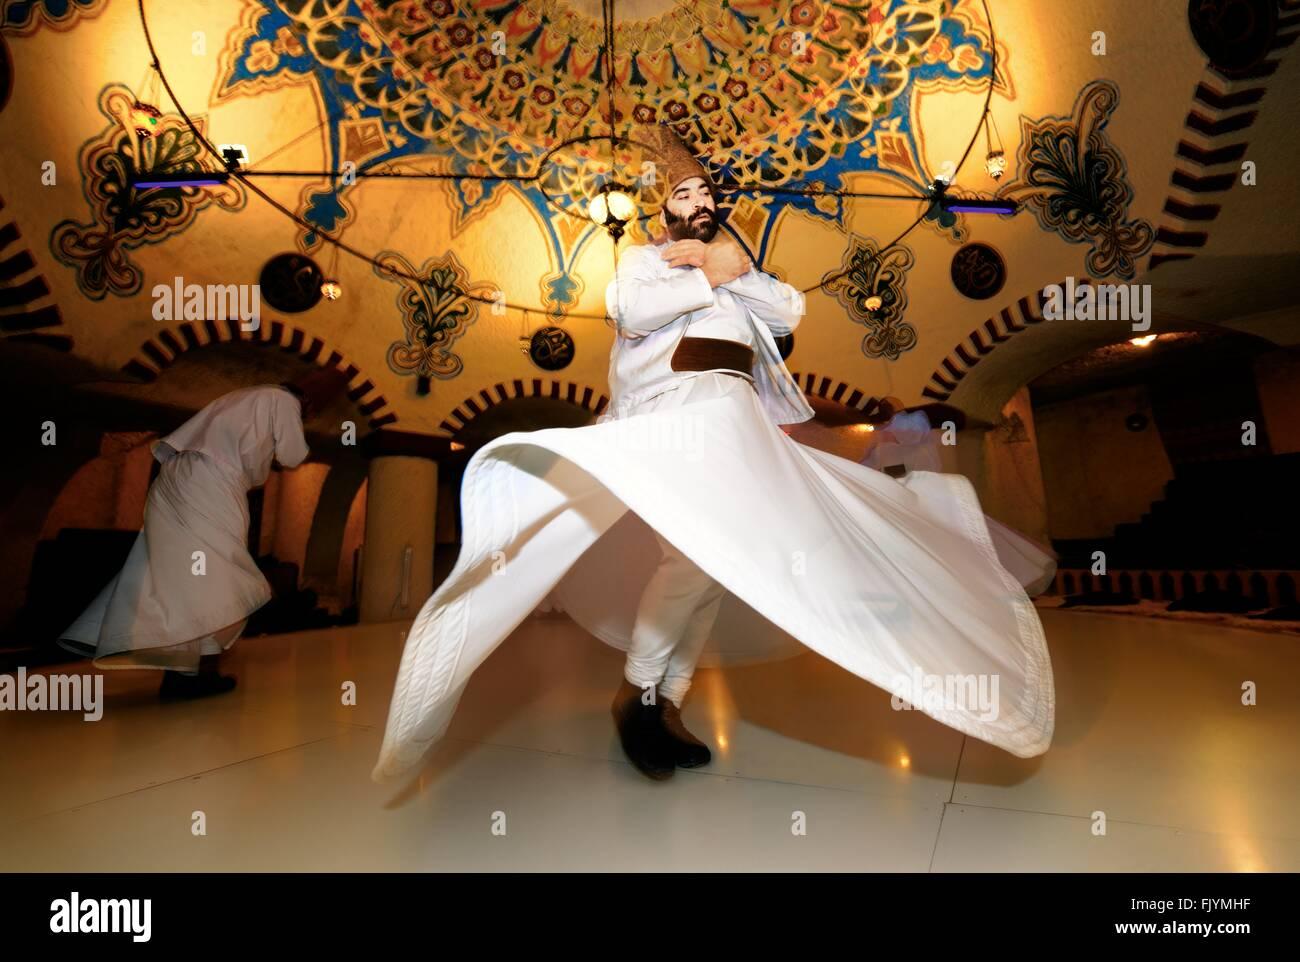 Giros derviches Sufi turca tradicional noche espiritual a dervis evi en pueblo de ortahisar, goreme, Capadocia, Turquía Foto de stock